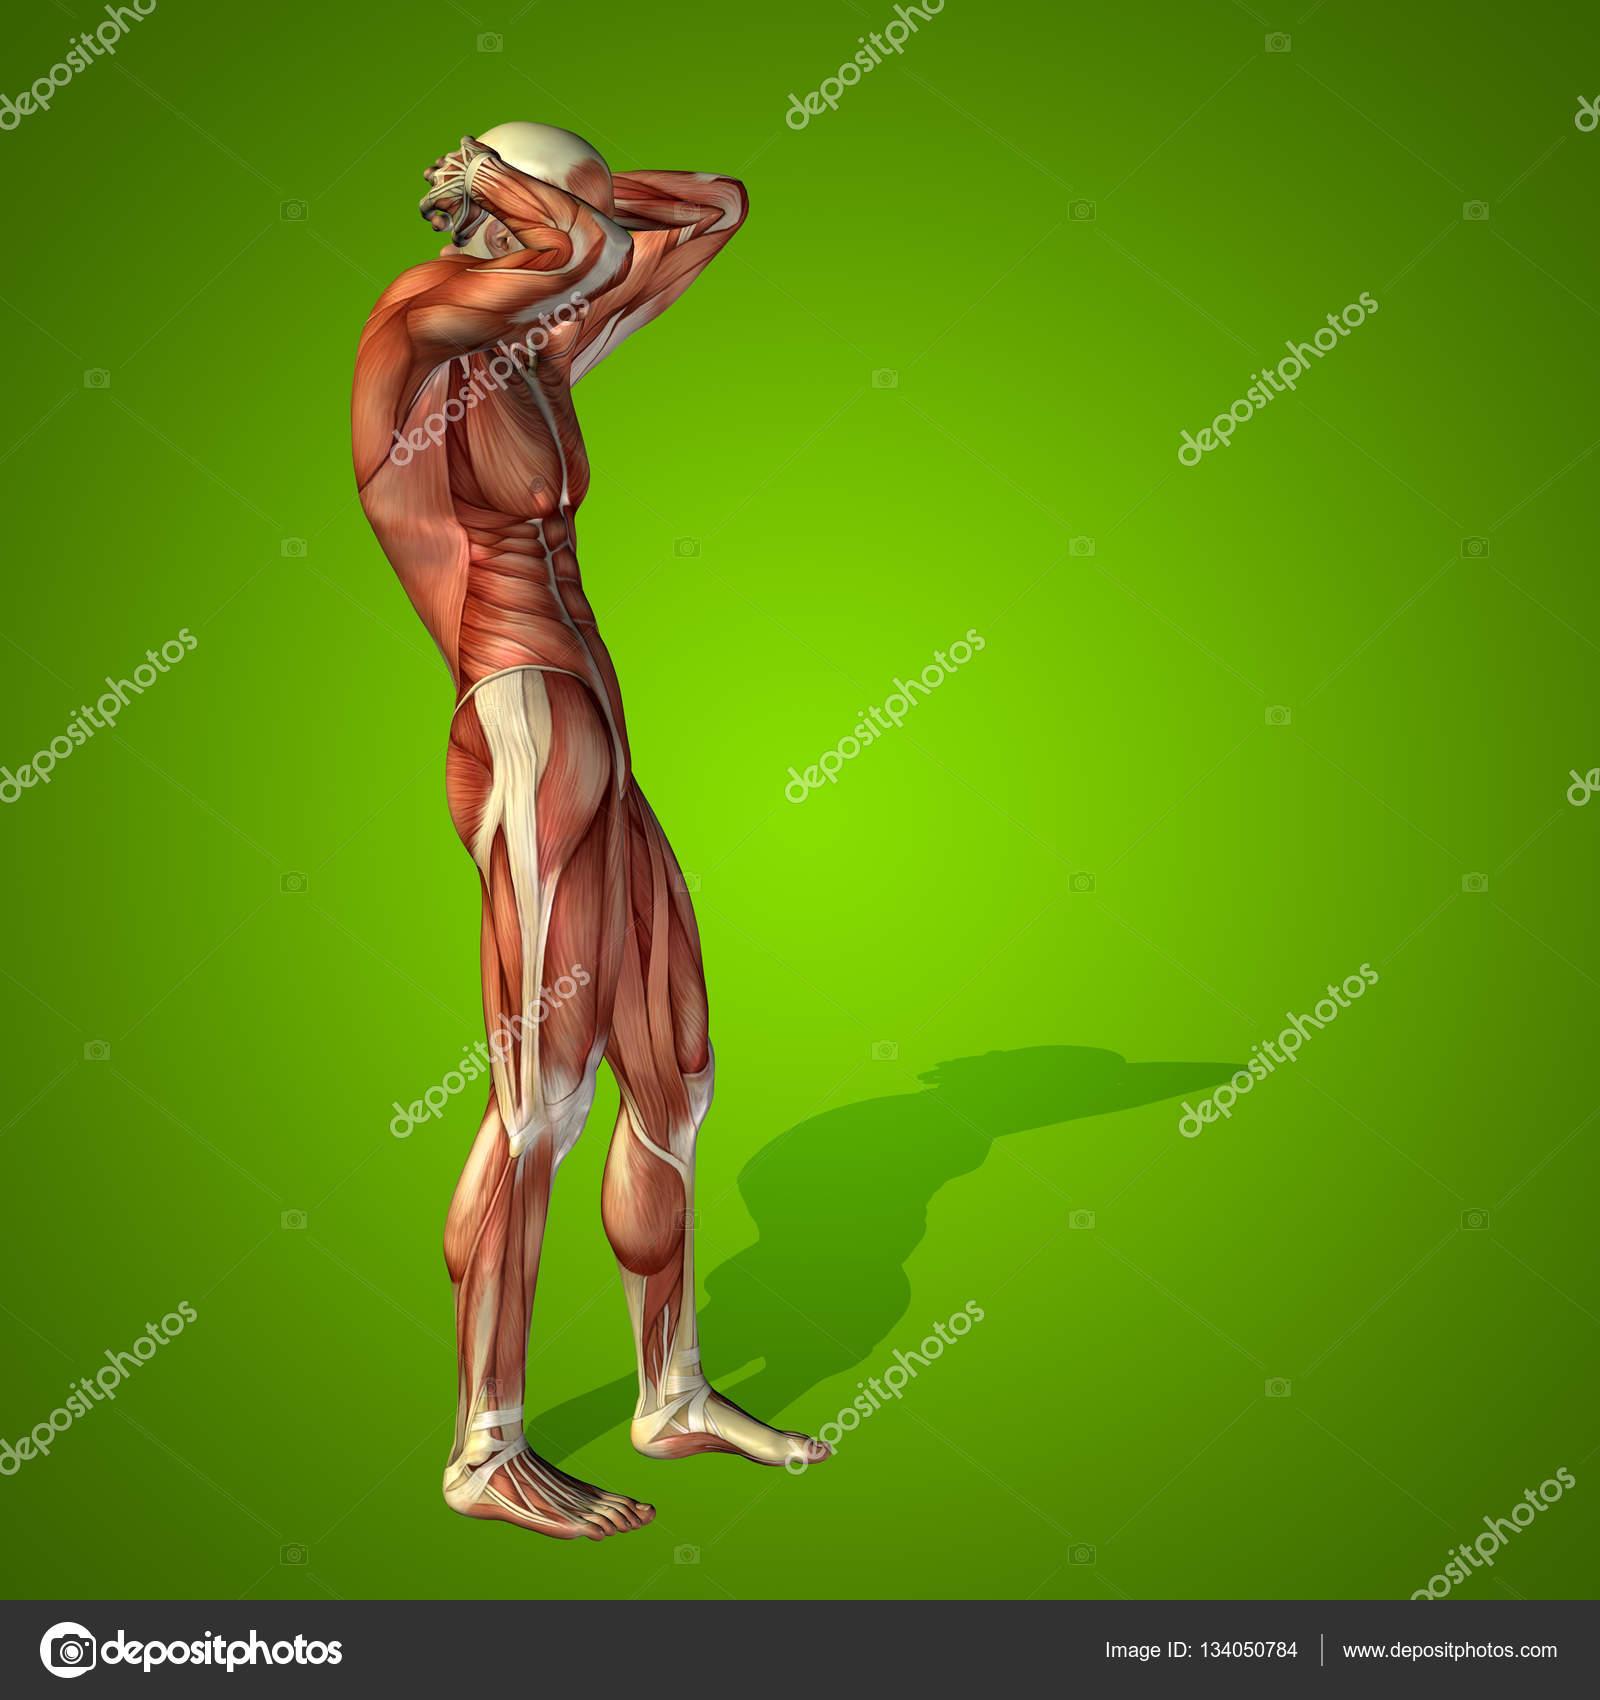 menschliche Anatomie Körper mit Muskeln — Stockfoto © design36 ...